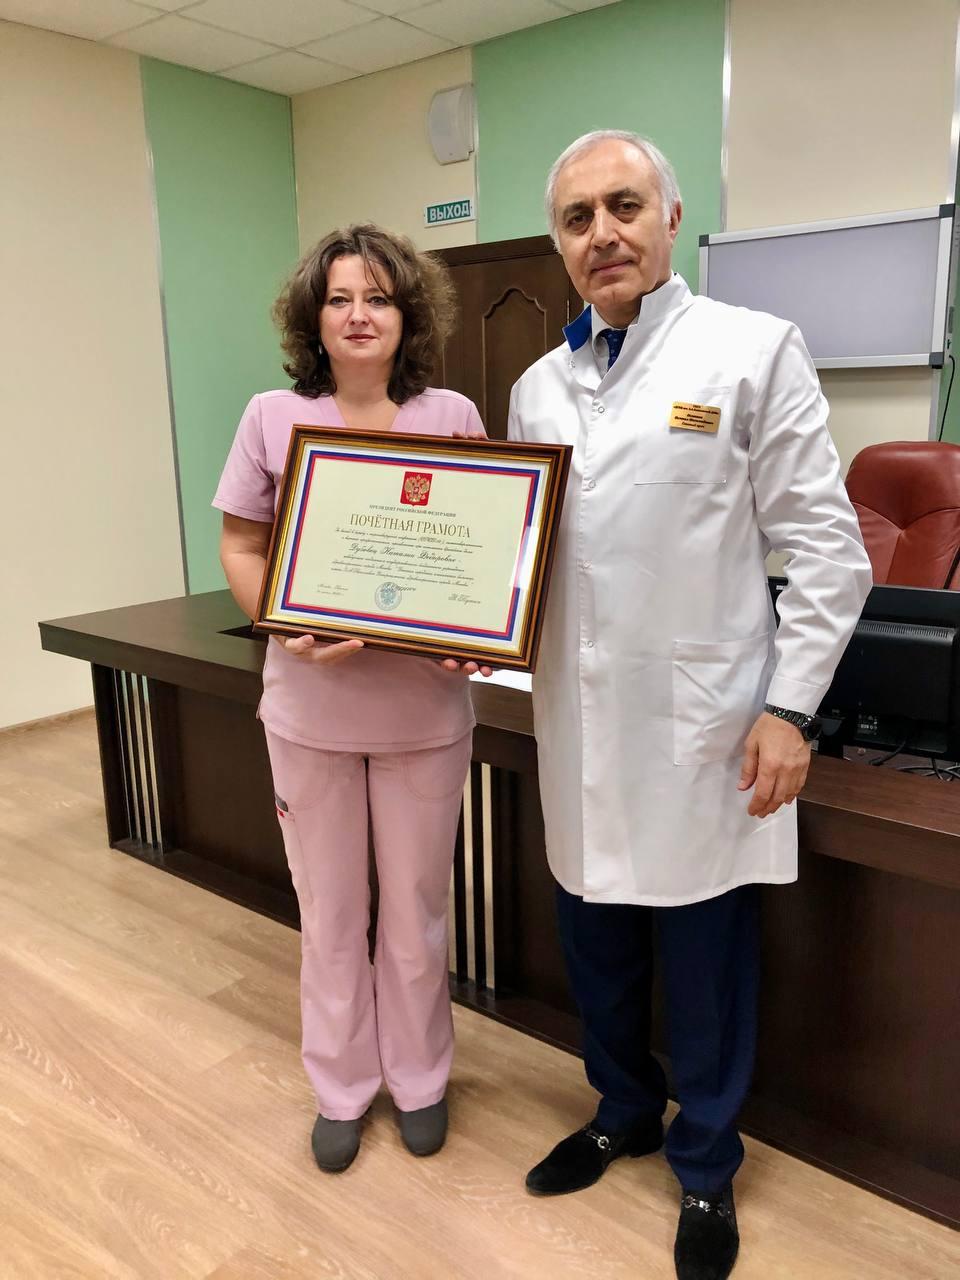 Сегодня на клинической конференции больницы для меня было большой честью вручить высокие государственные награды врачам и медицинским сестрам больницы